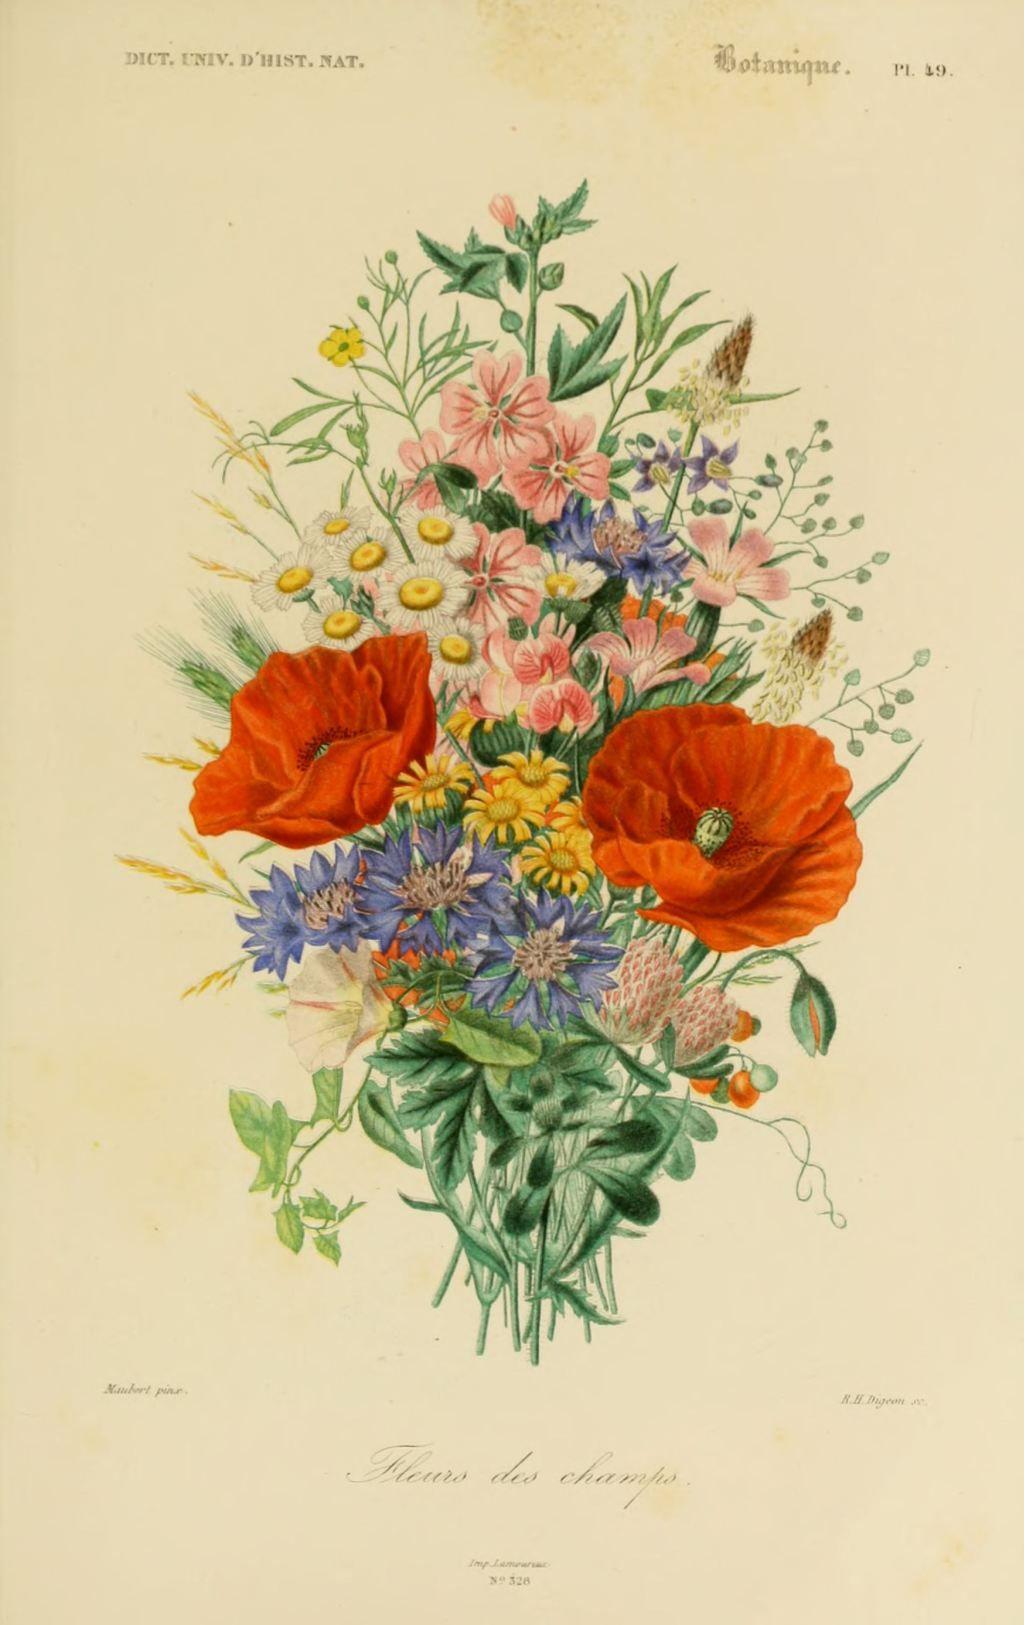 gravures couleur de fleurs gravure de fleur 0209 fleurs. Black Bedroom Furniture Sets. Home Design Ideas